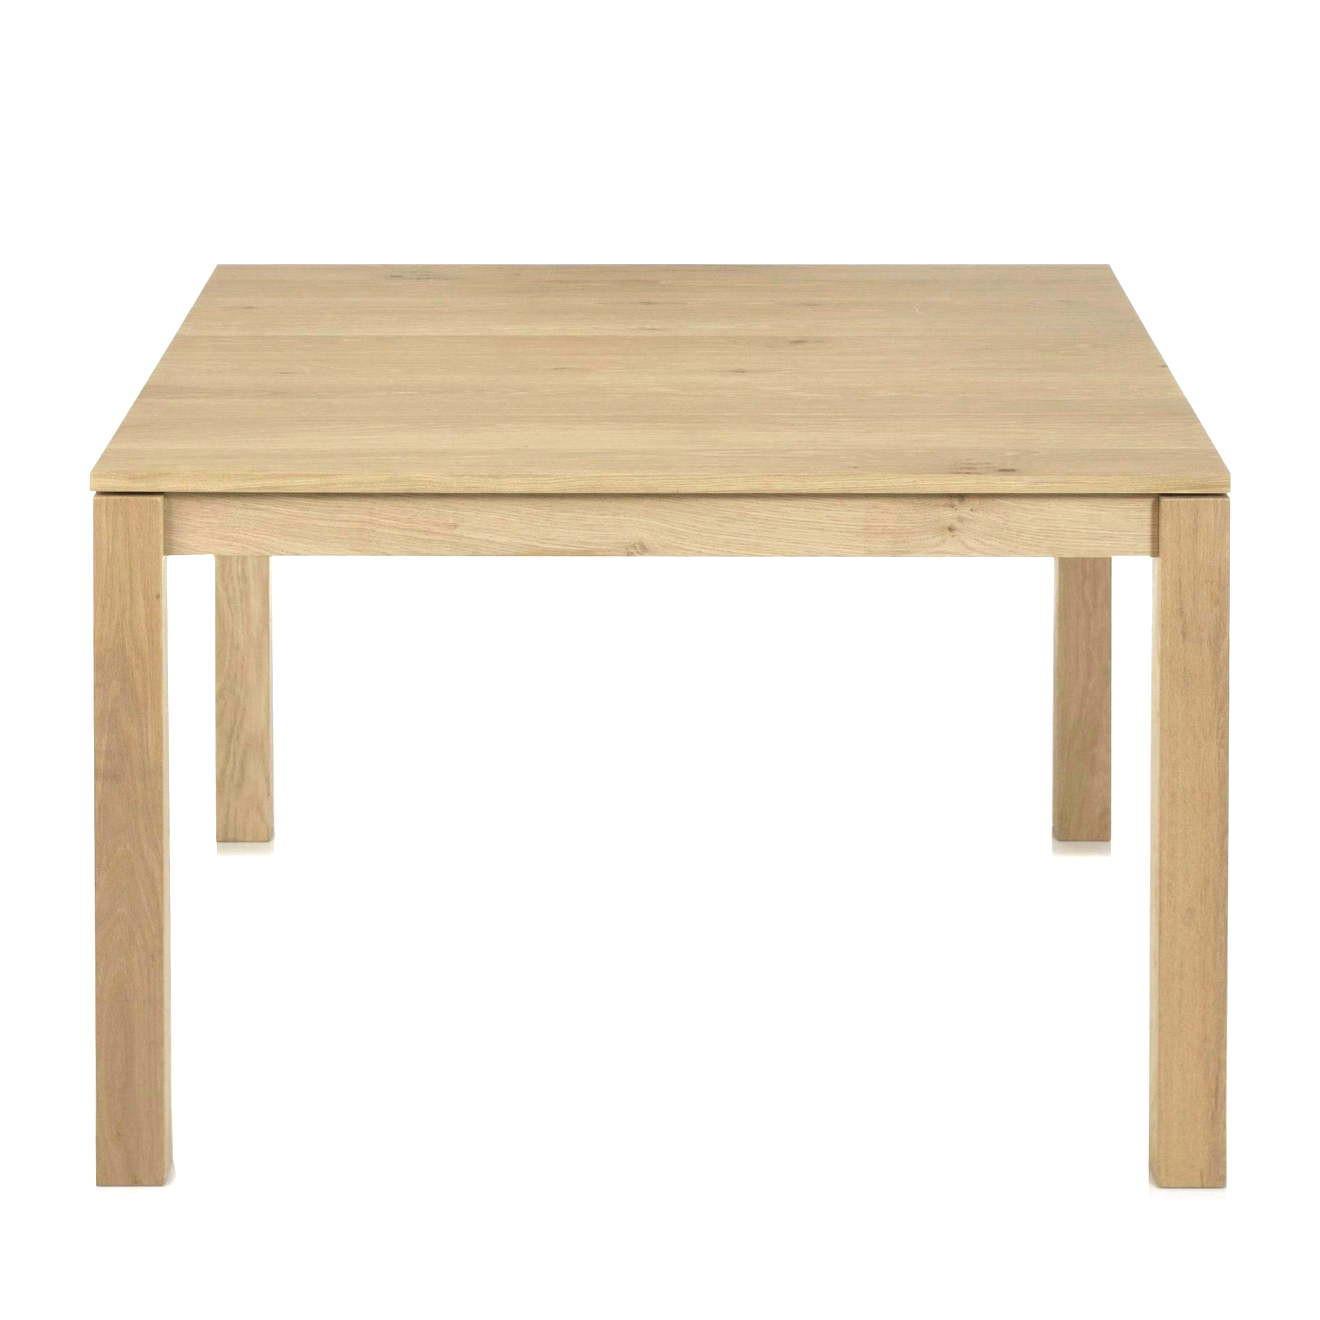 meuble bois exterieur meubles de jardin en bois meuble de jardin deco paysage 0d beau de of meuble bois exterieur